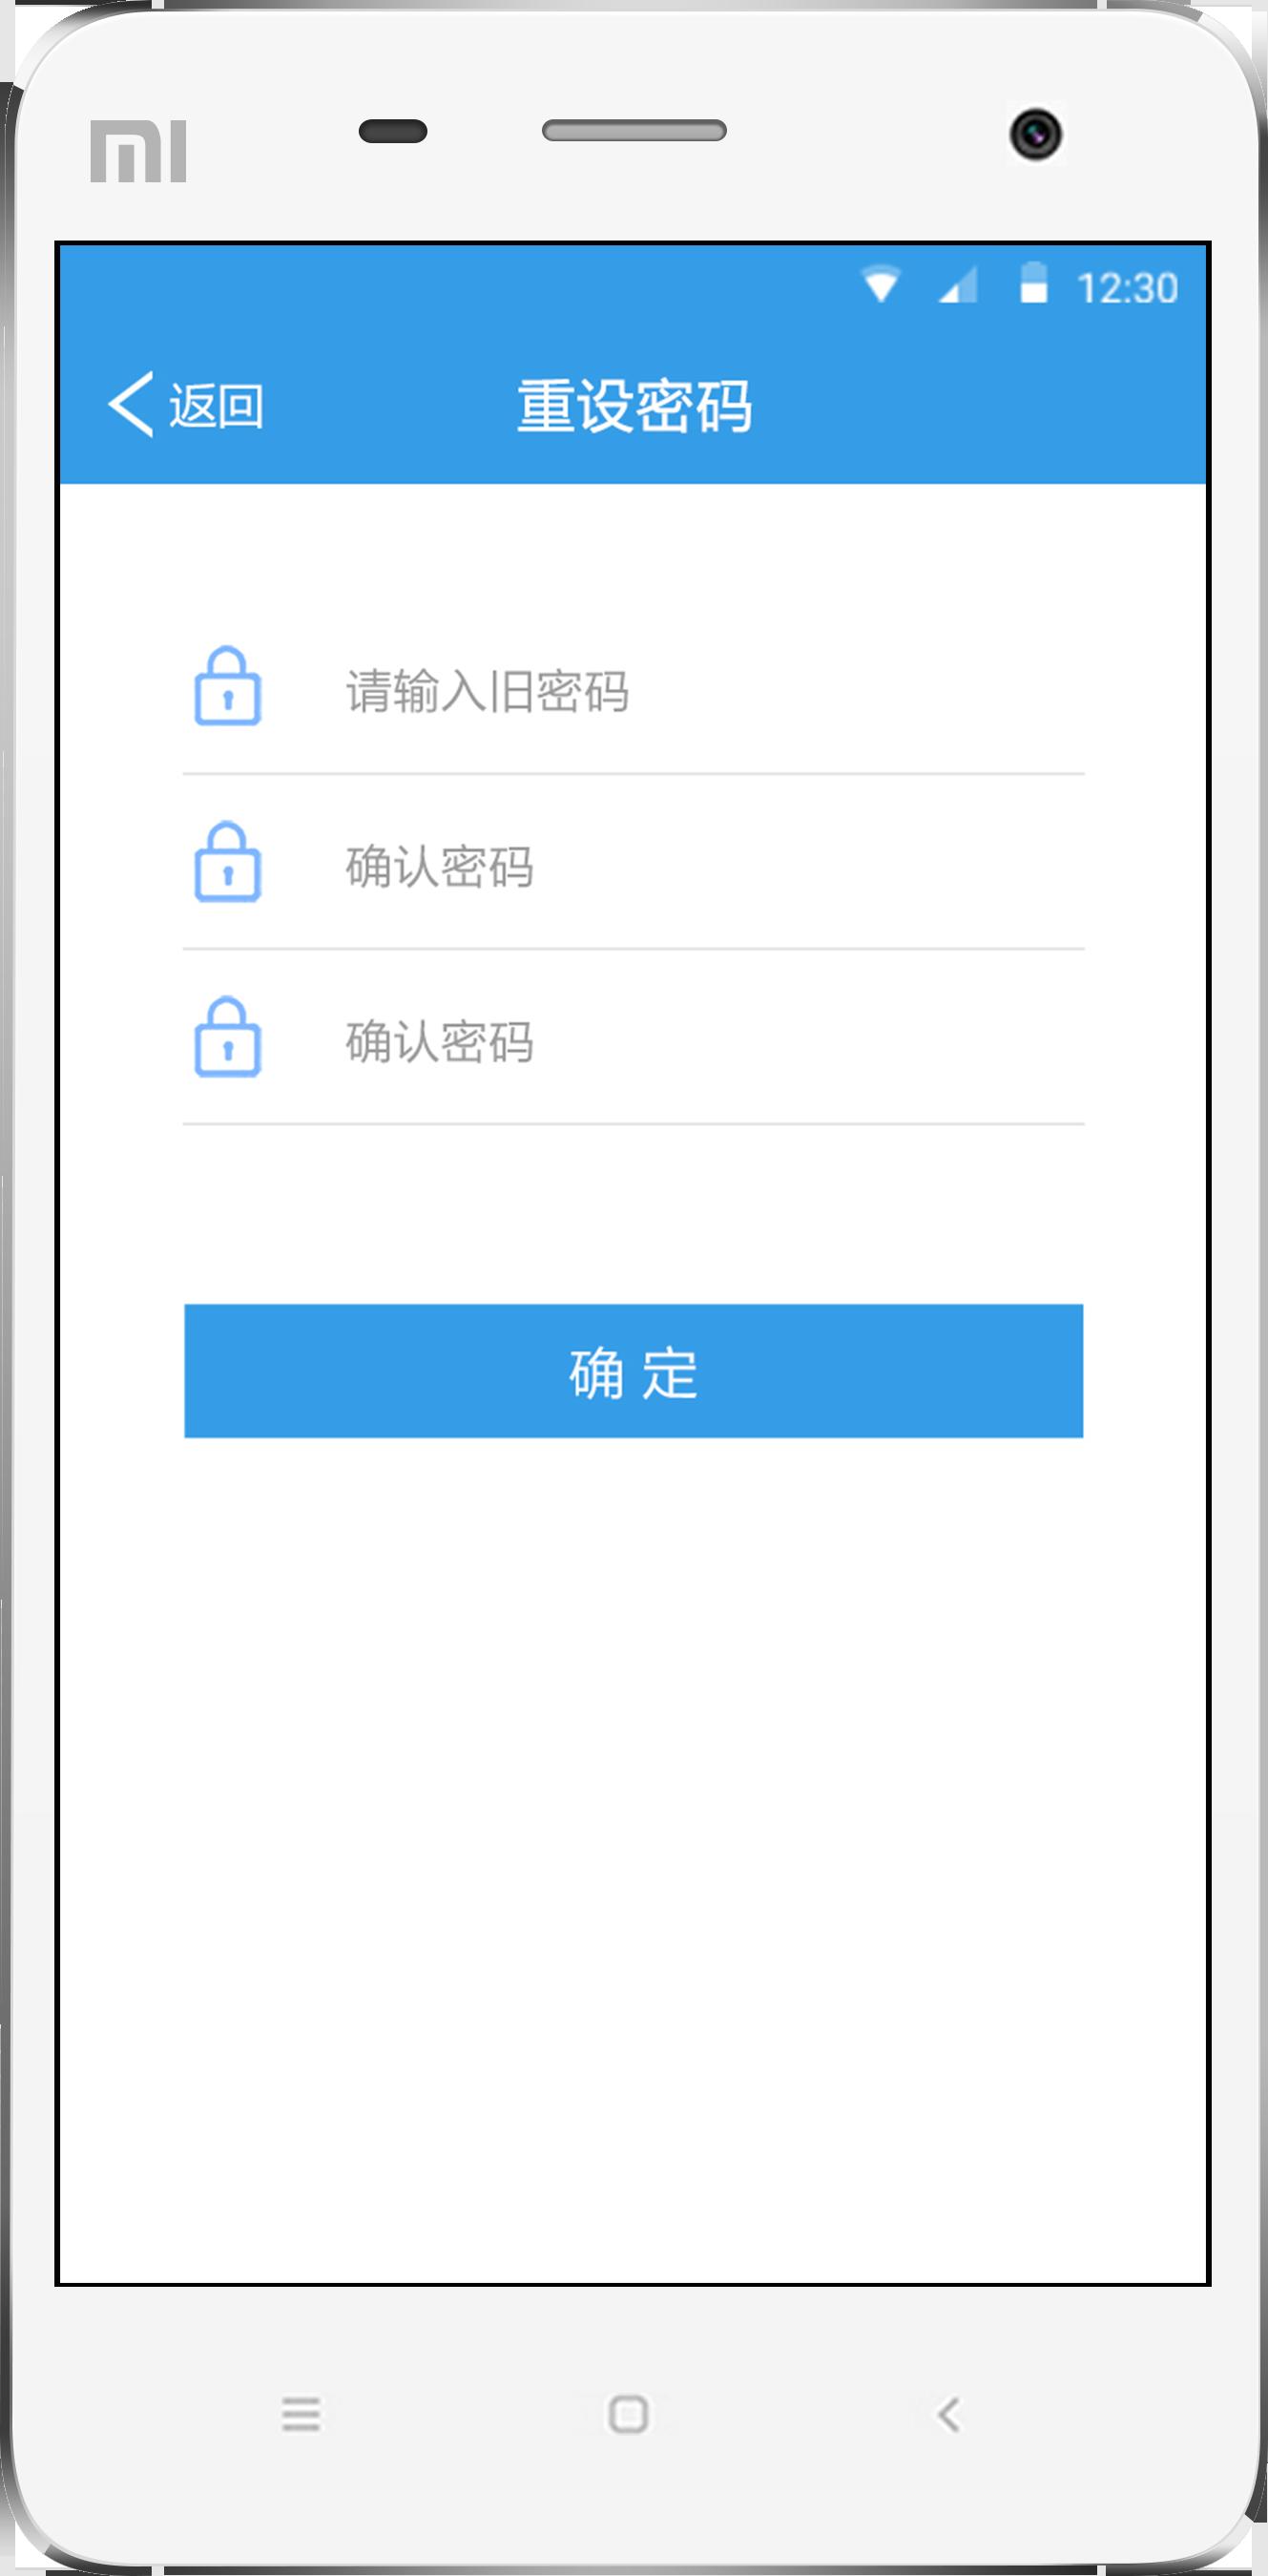 登录注册_登录 注册 app界面